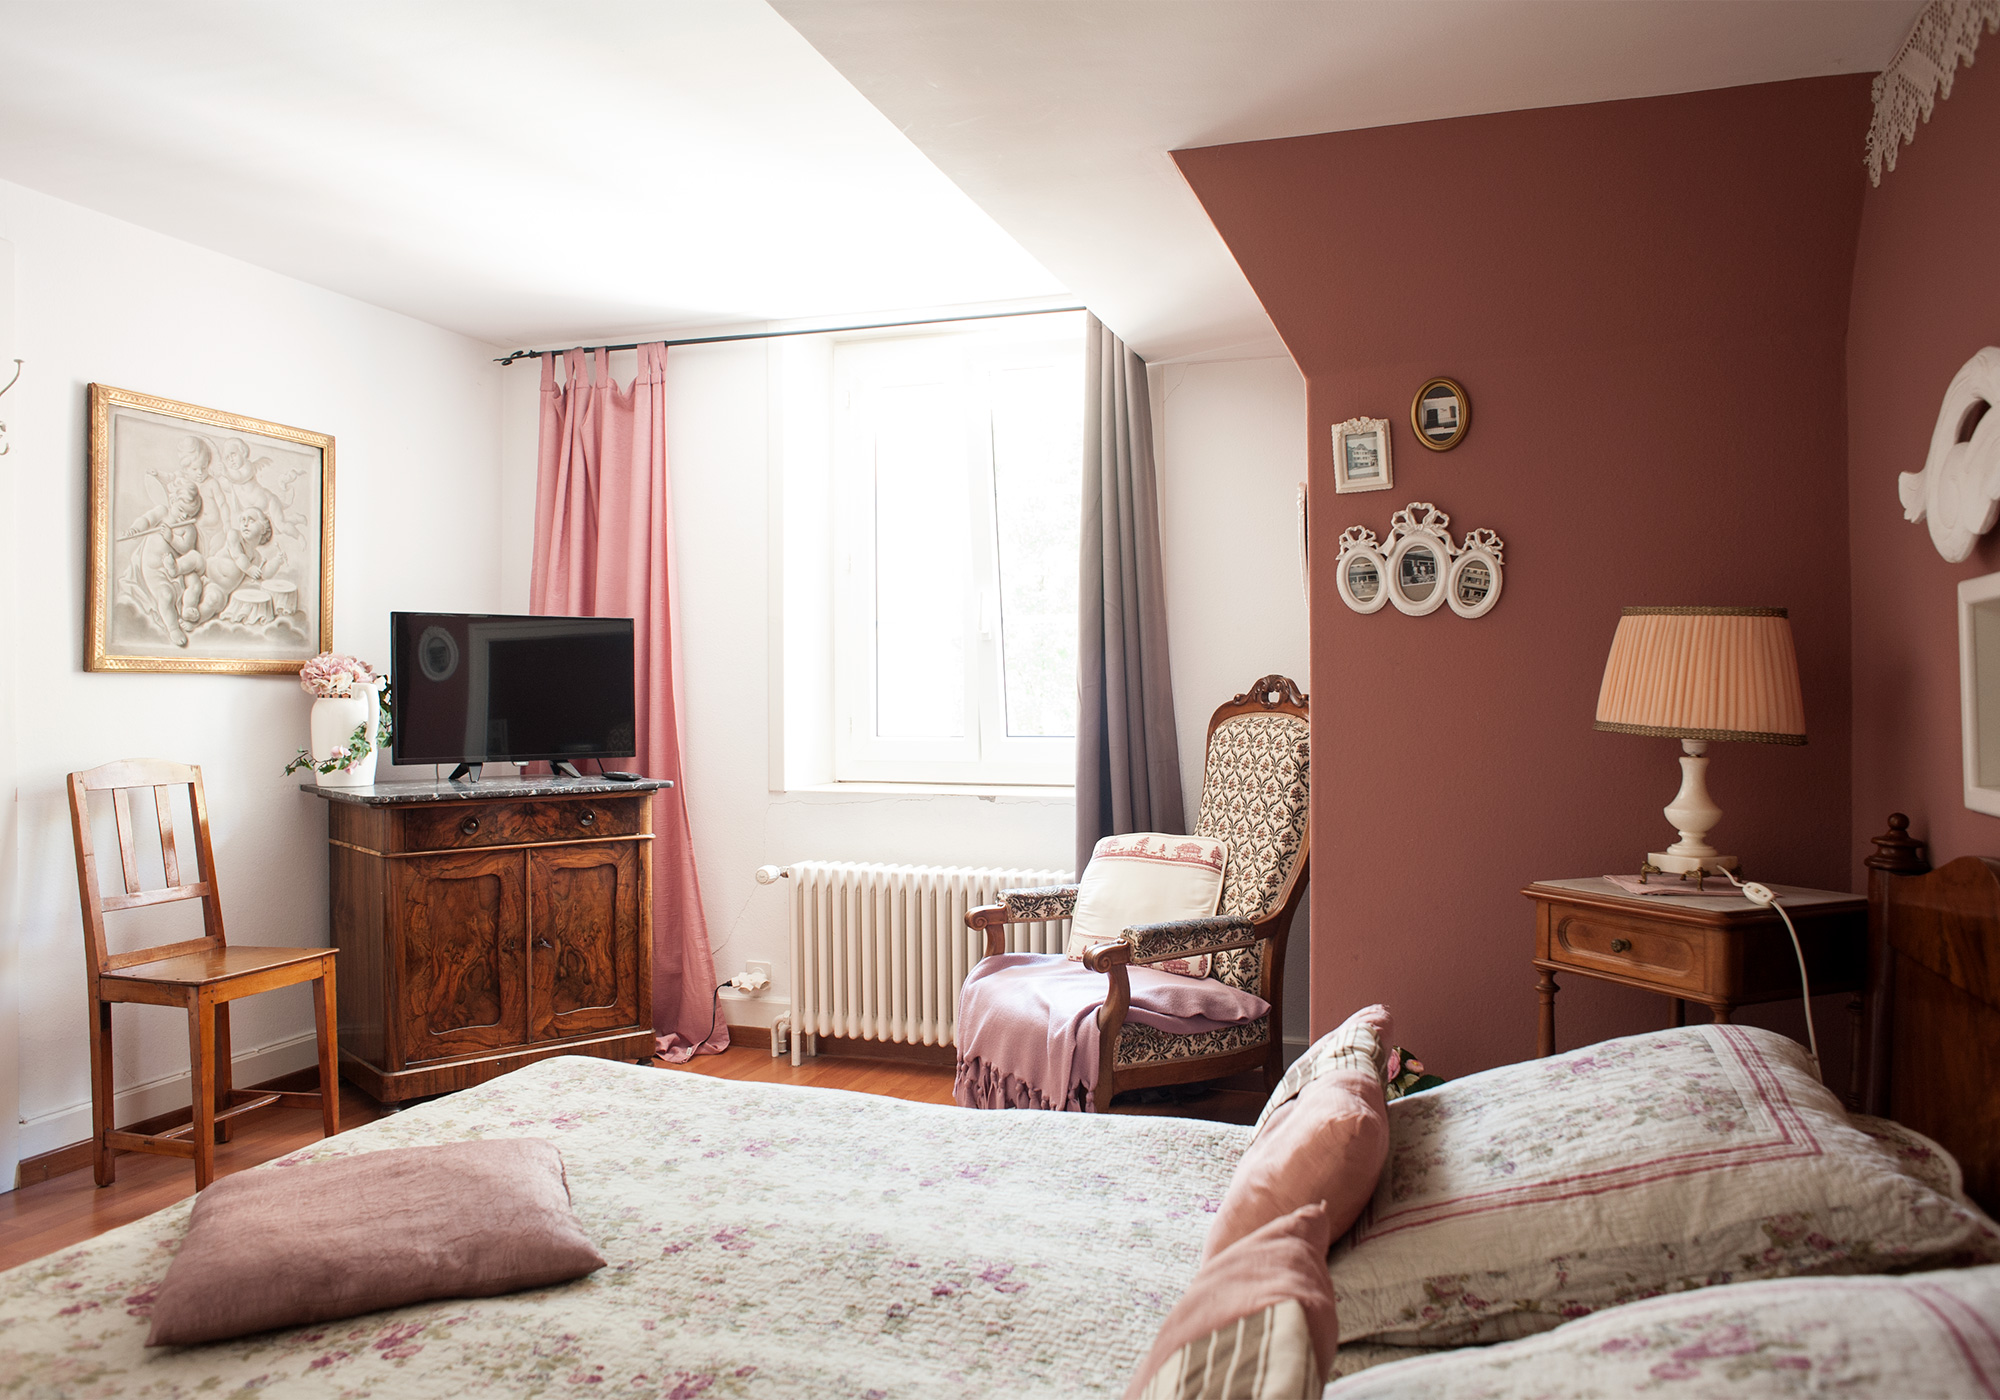 chambre d antan maison dubois le locle chambre d. Black Bedroom Furniture Sets. Home Design Ideas